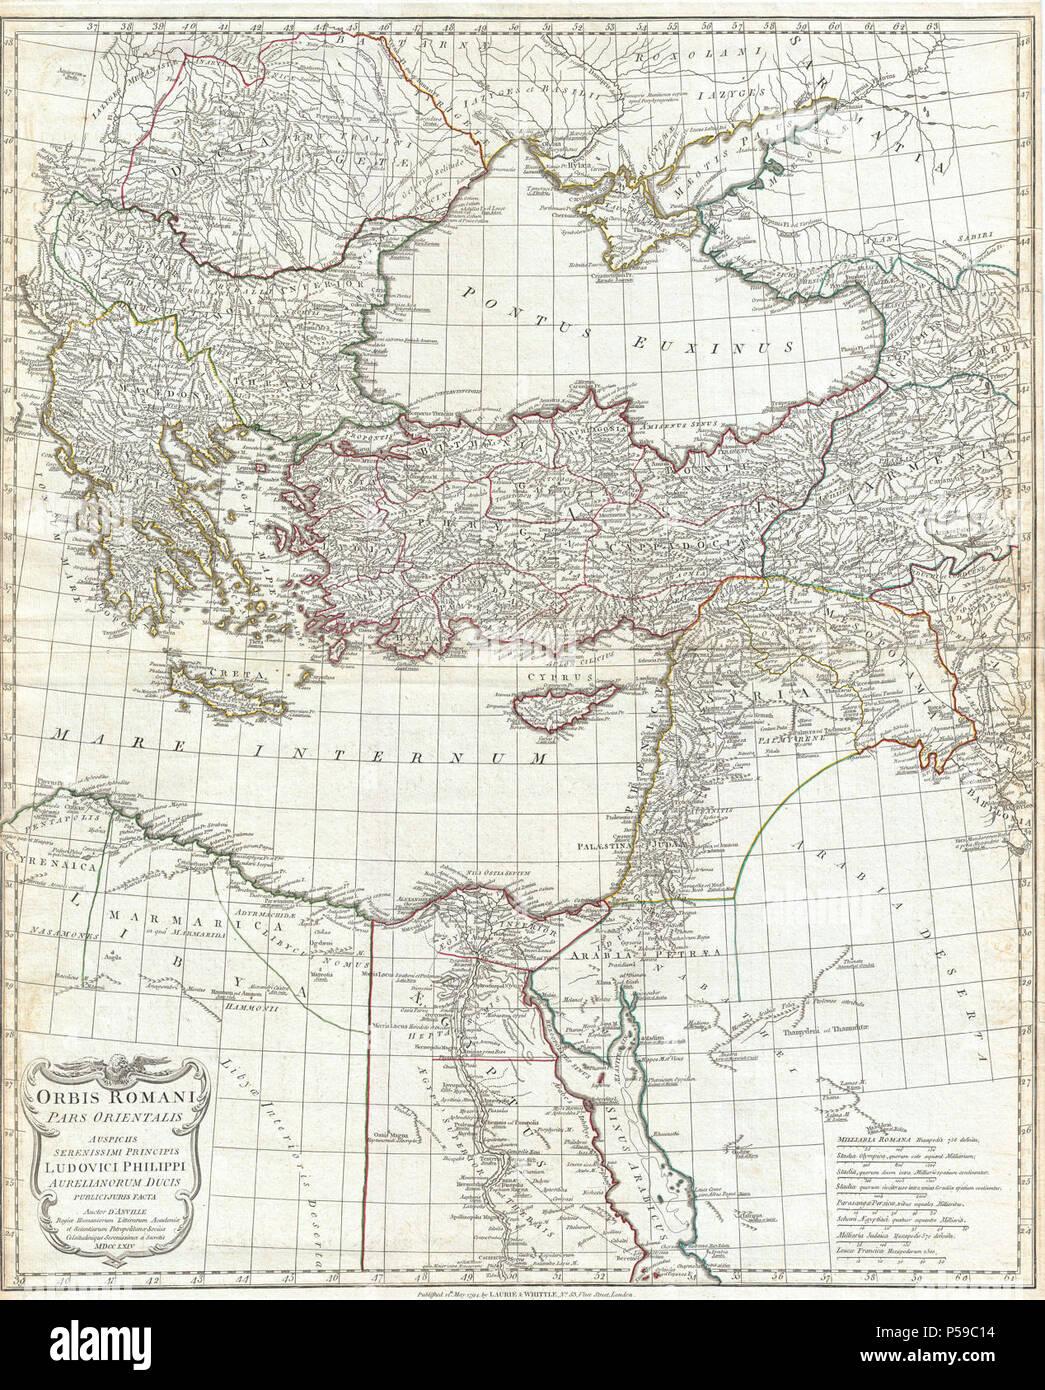 1794 Anville Site de l'Empire romain (inclues) - Grèce - Geographicus-RomanEmpireEast anville-1794. Banque D'Images